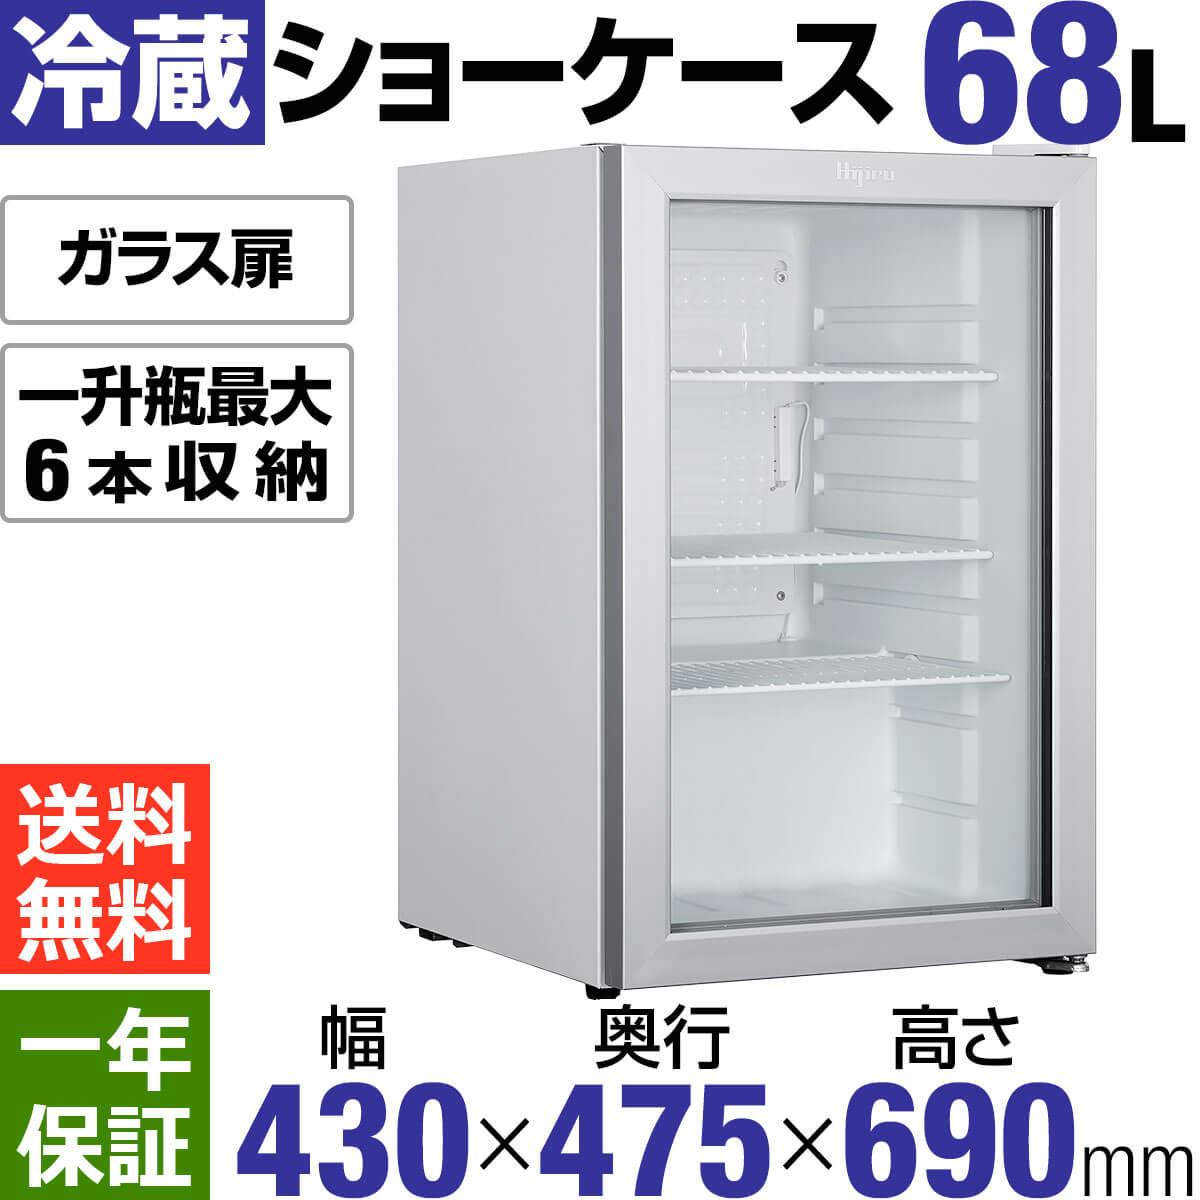 冷蔵ショーケース68L ガラス扉【HJR-G68】 送料無料 小型冷蔵ショーケース